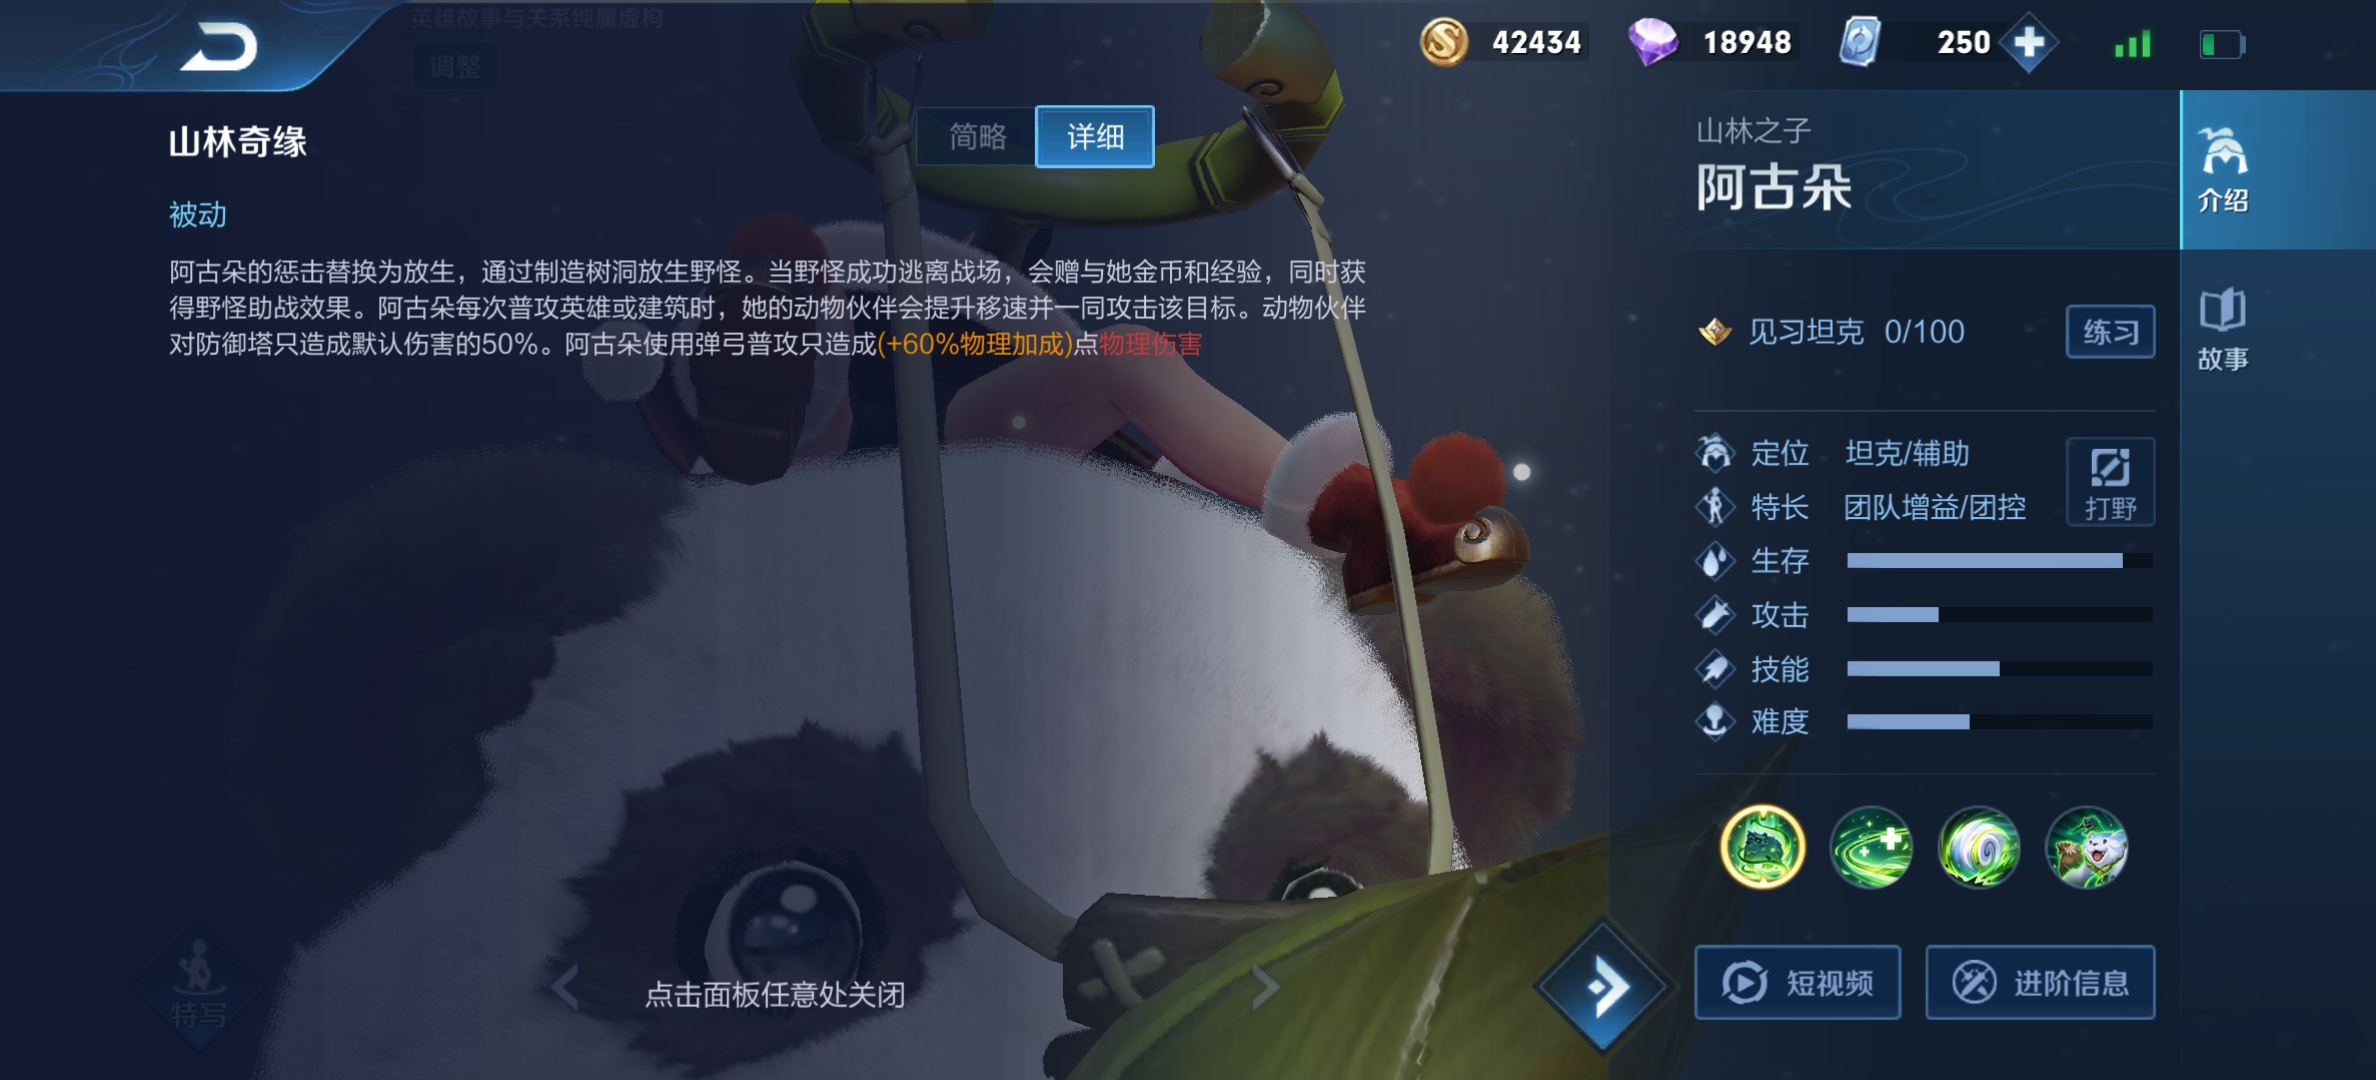 Screenshot_20200916-163953.jpg